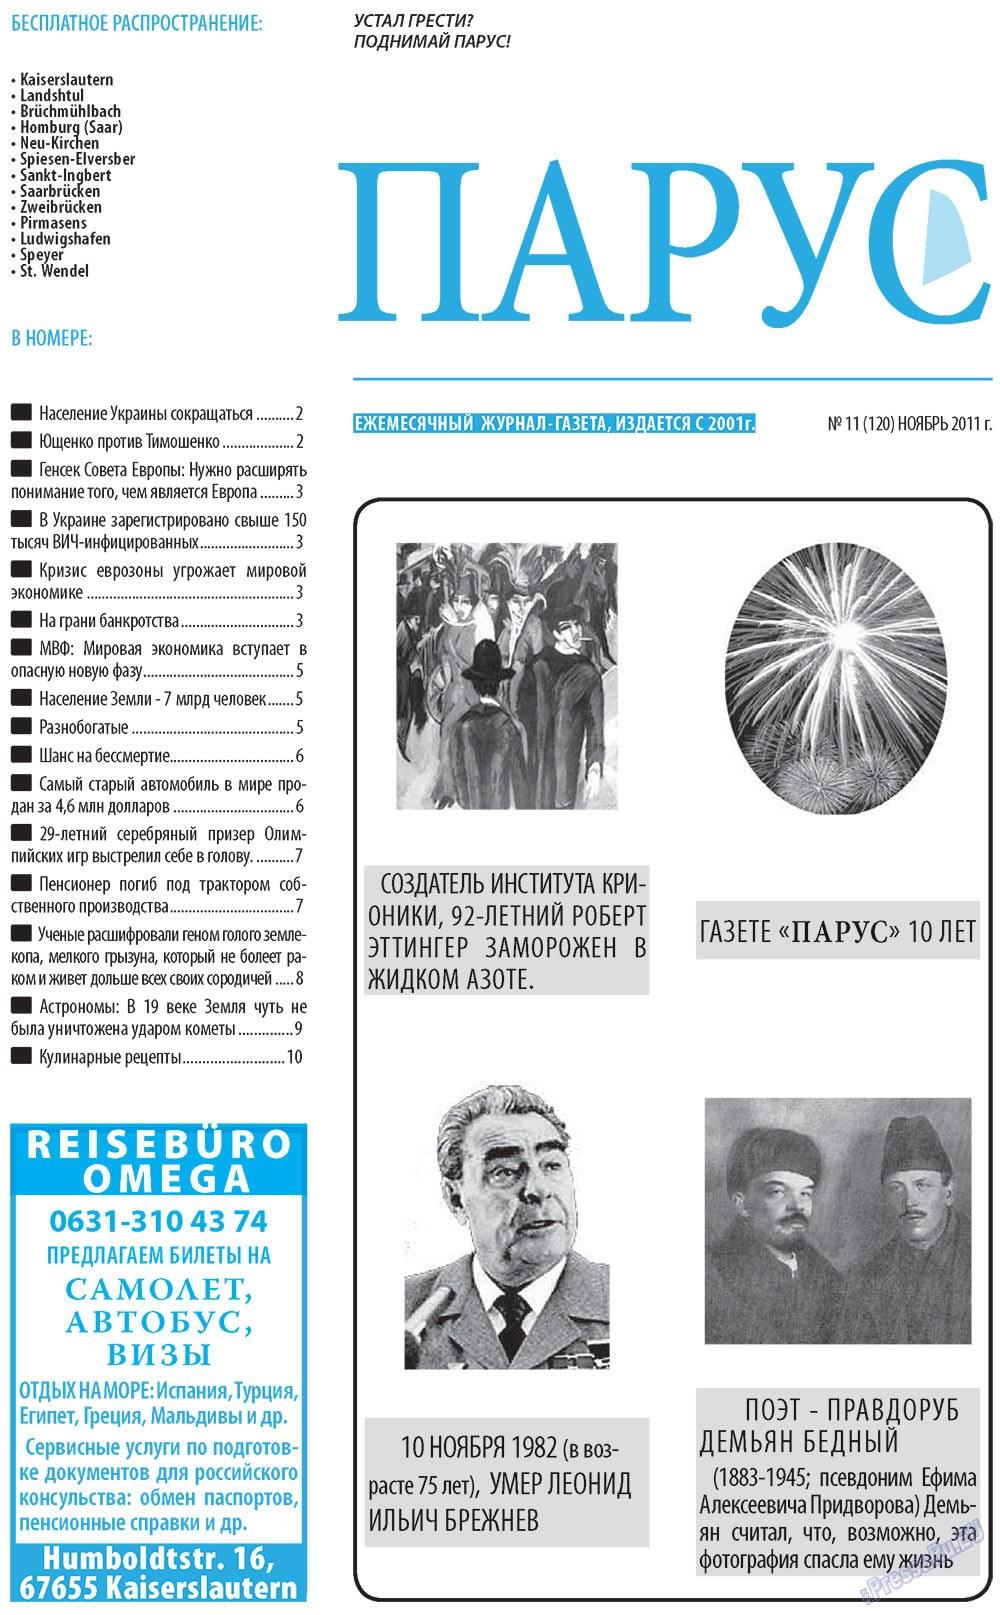 Парус (газета). 2011 год, номер 11, стр. 1